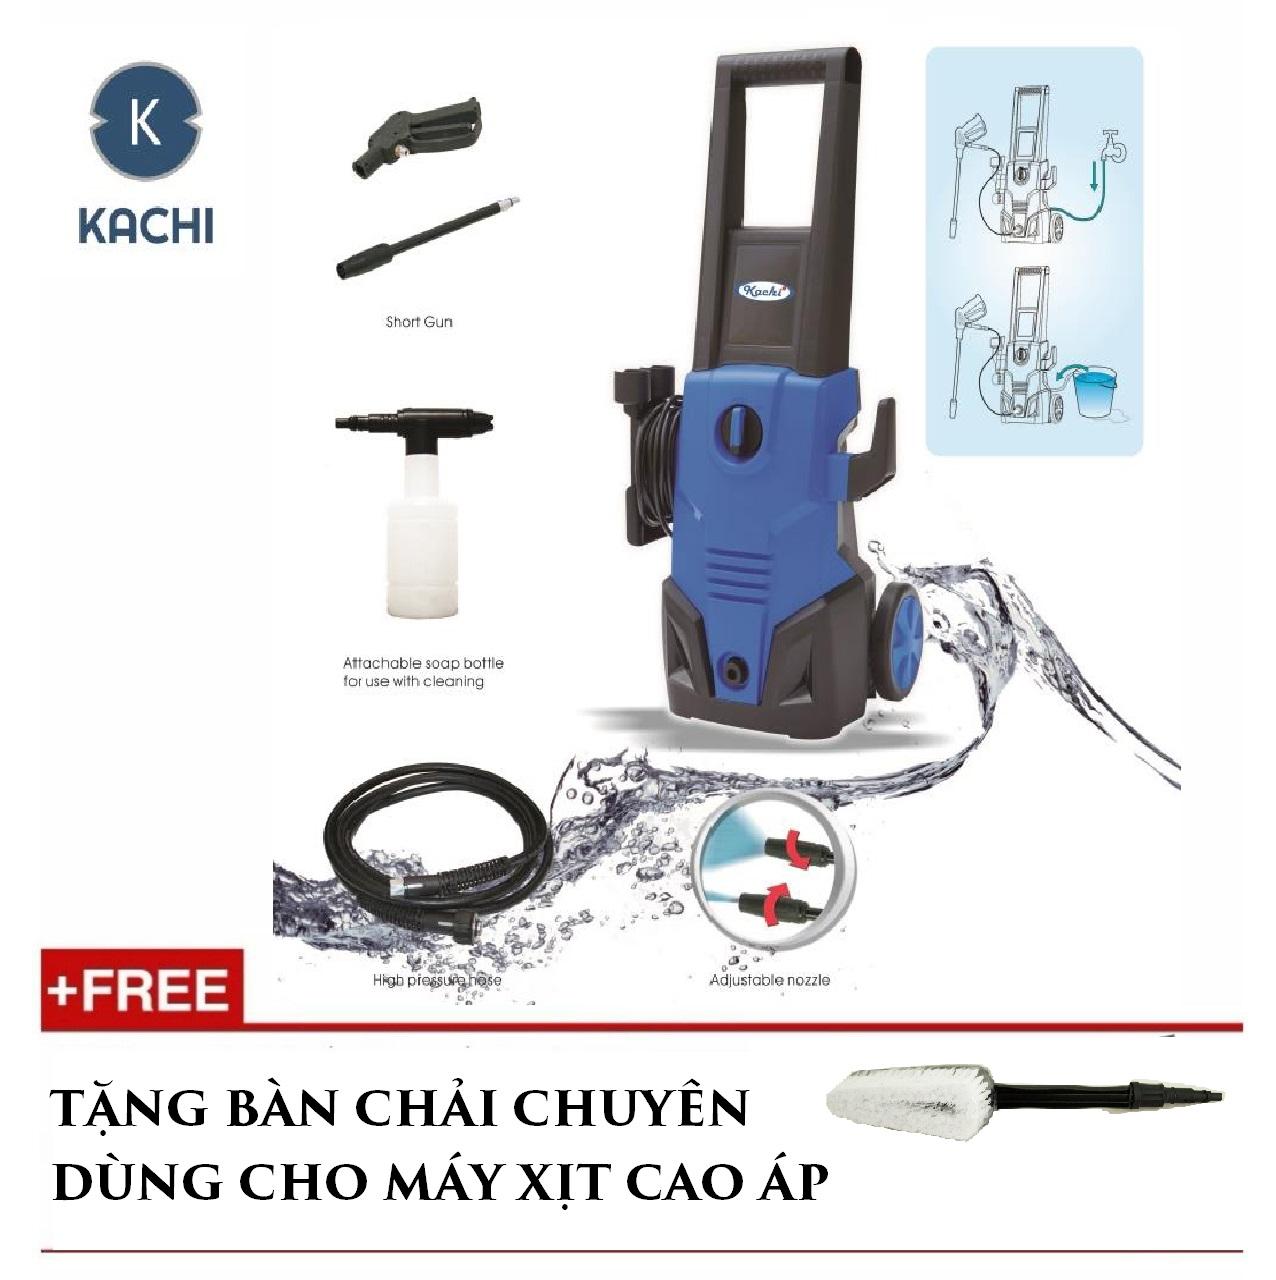 Máy phun rửa tự hút nước Kachi + Tặng bàn chải